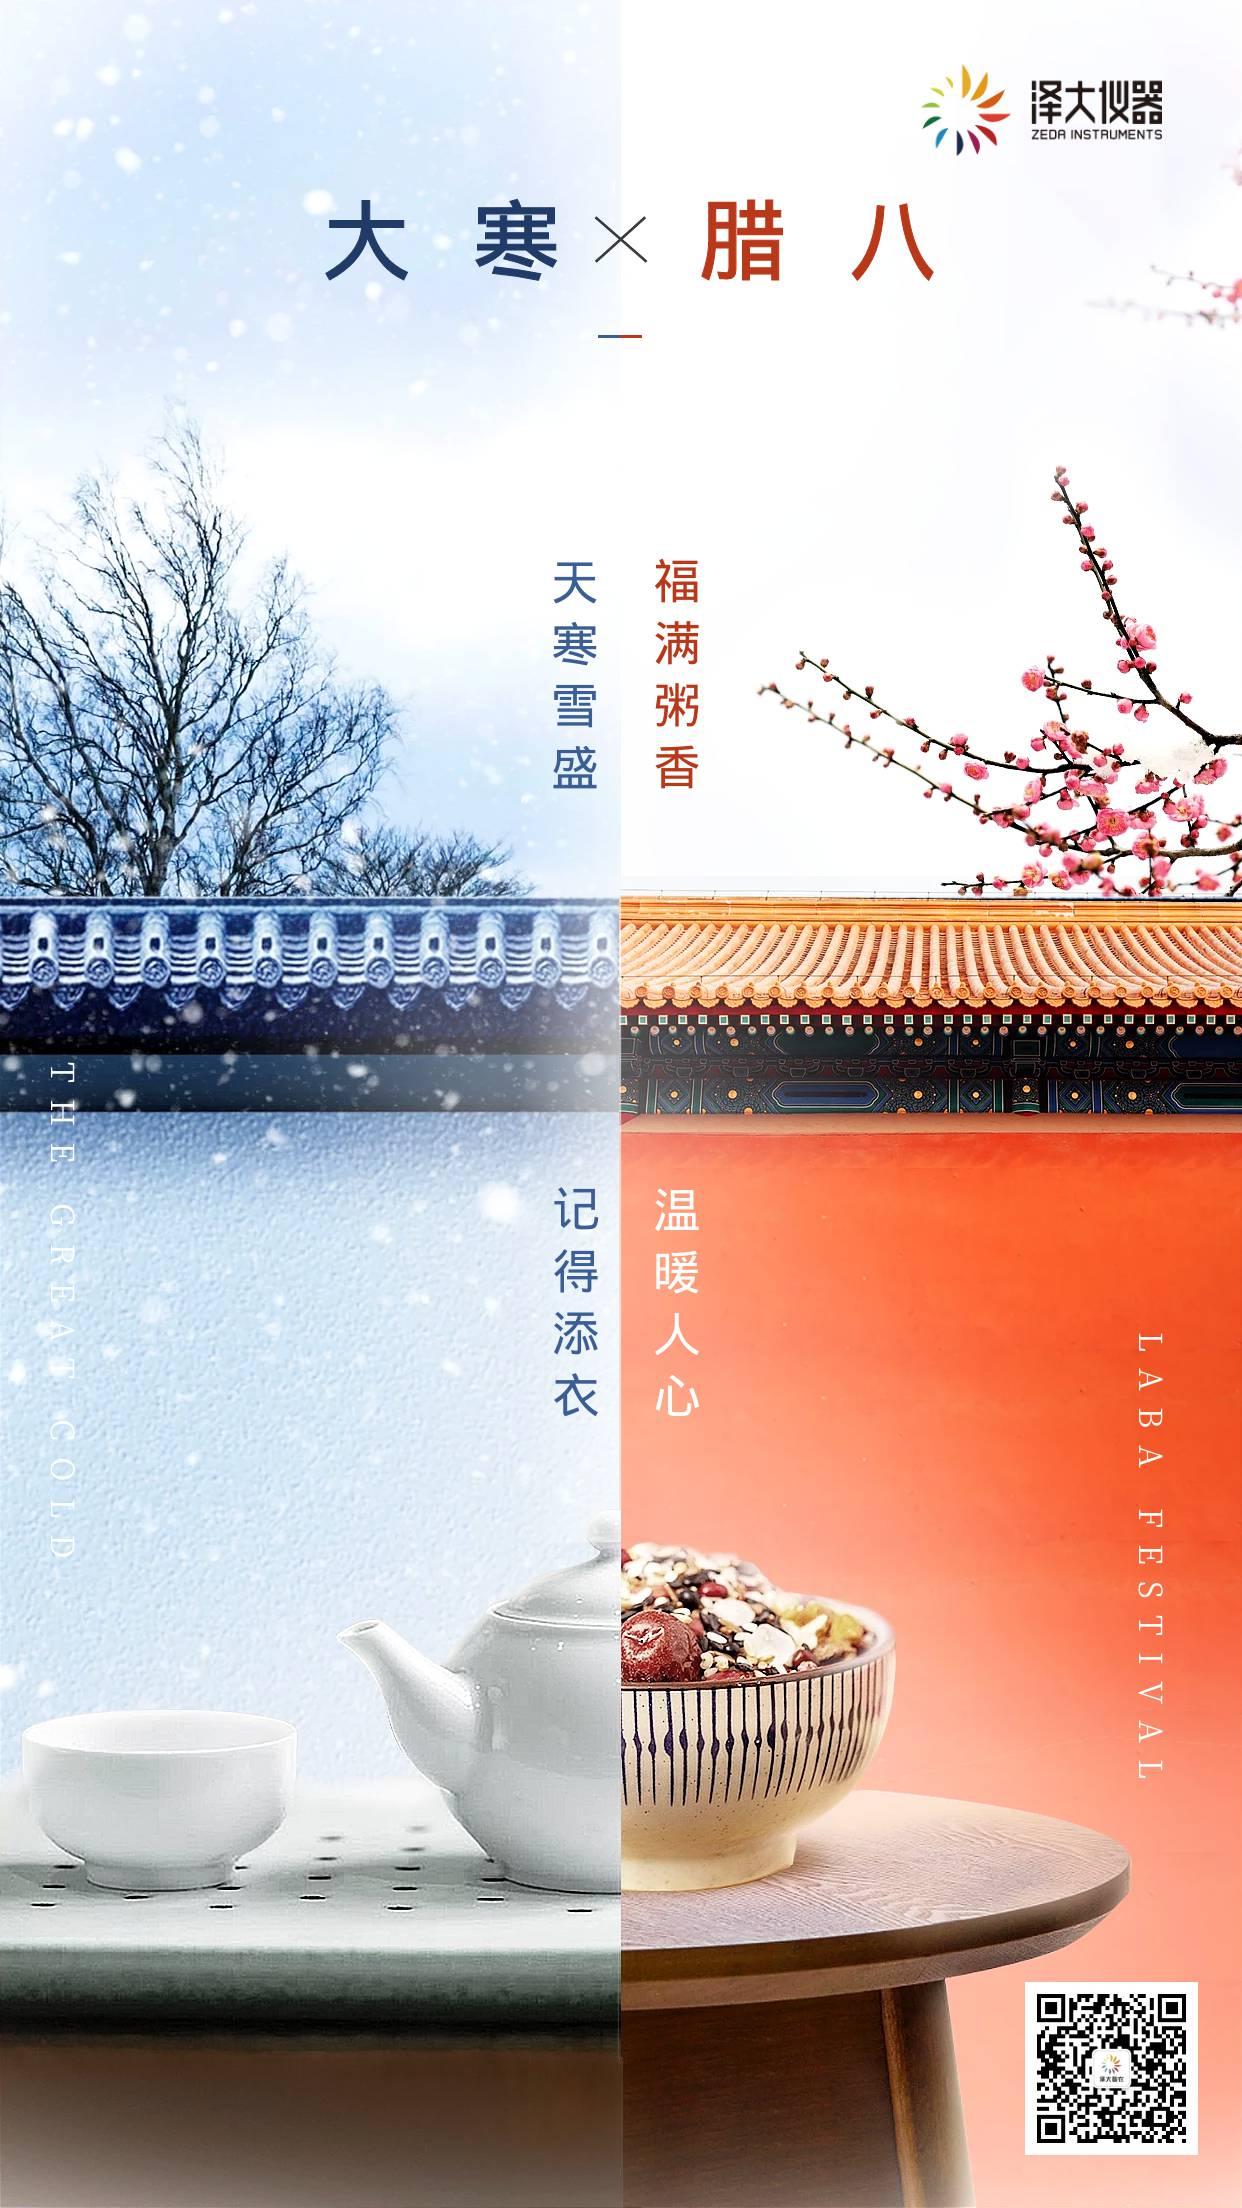 大寒臘八-智農(1).jpg